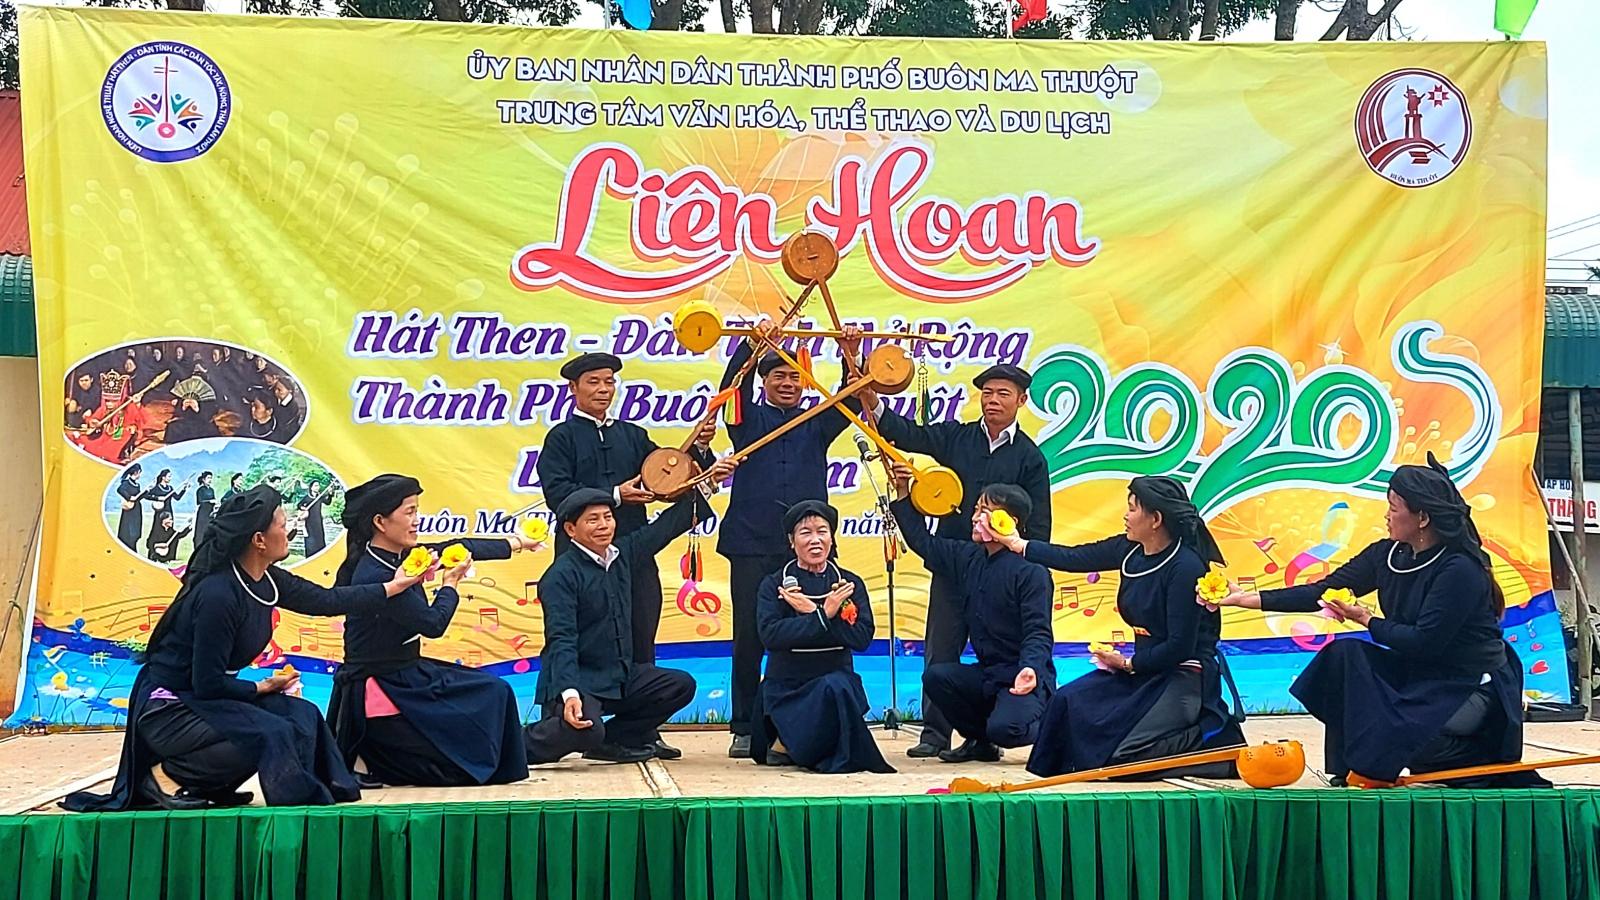 Đưa đàn tính, hát then Việt Bắc vào Tây Nguyên